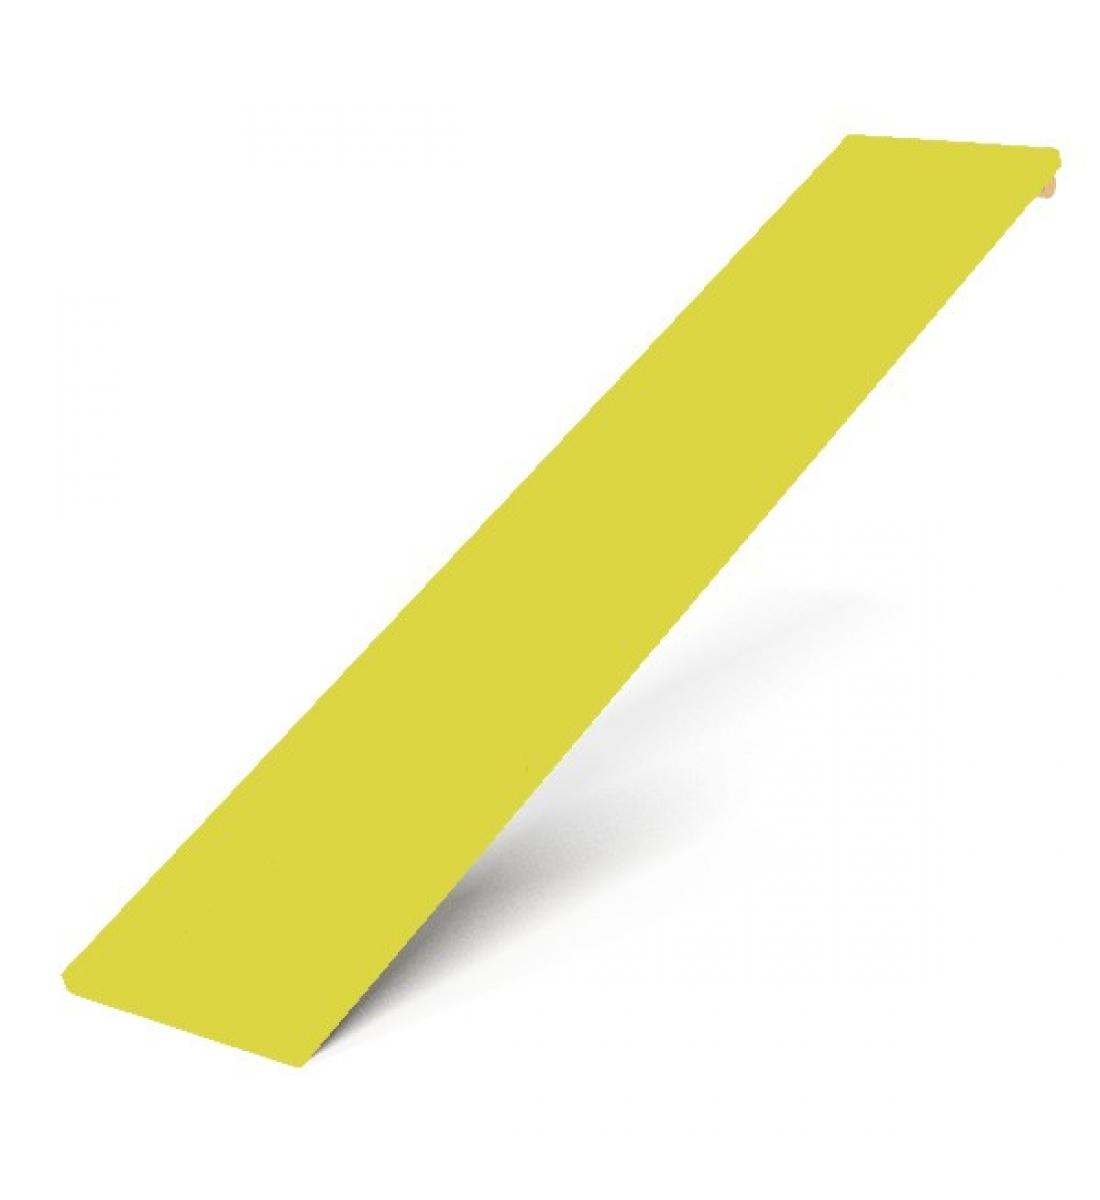 Доска для пресса (желтая)